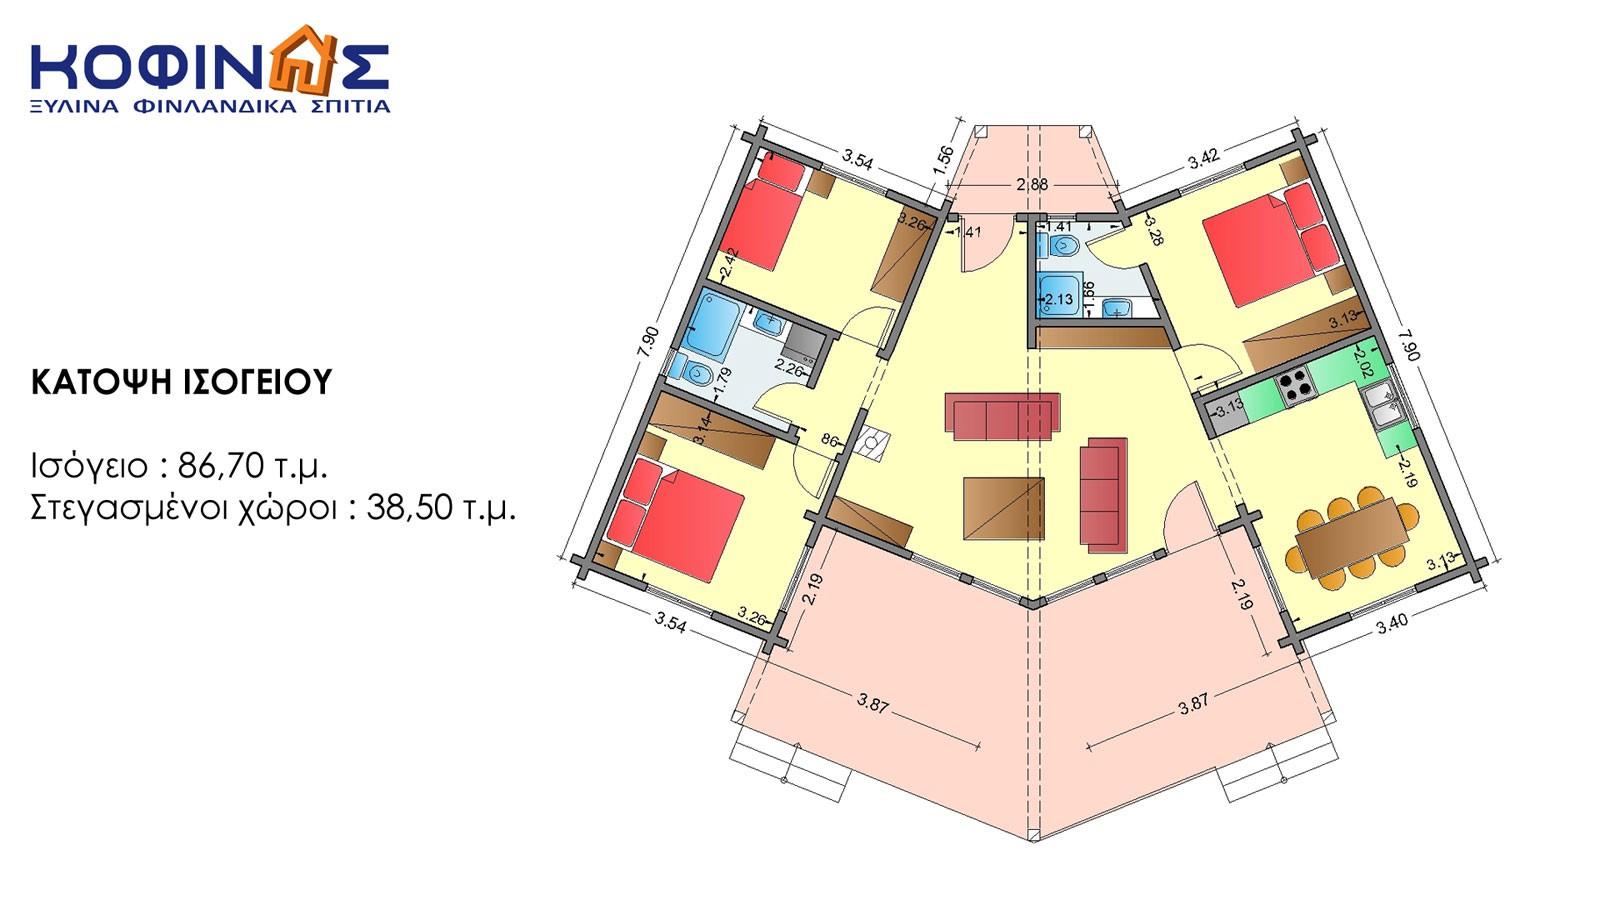 Ισόγεια Ξύλινη Κατοικία XI-86, συνολικής επιφάνειας 86,70 τ.μ.